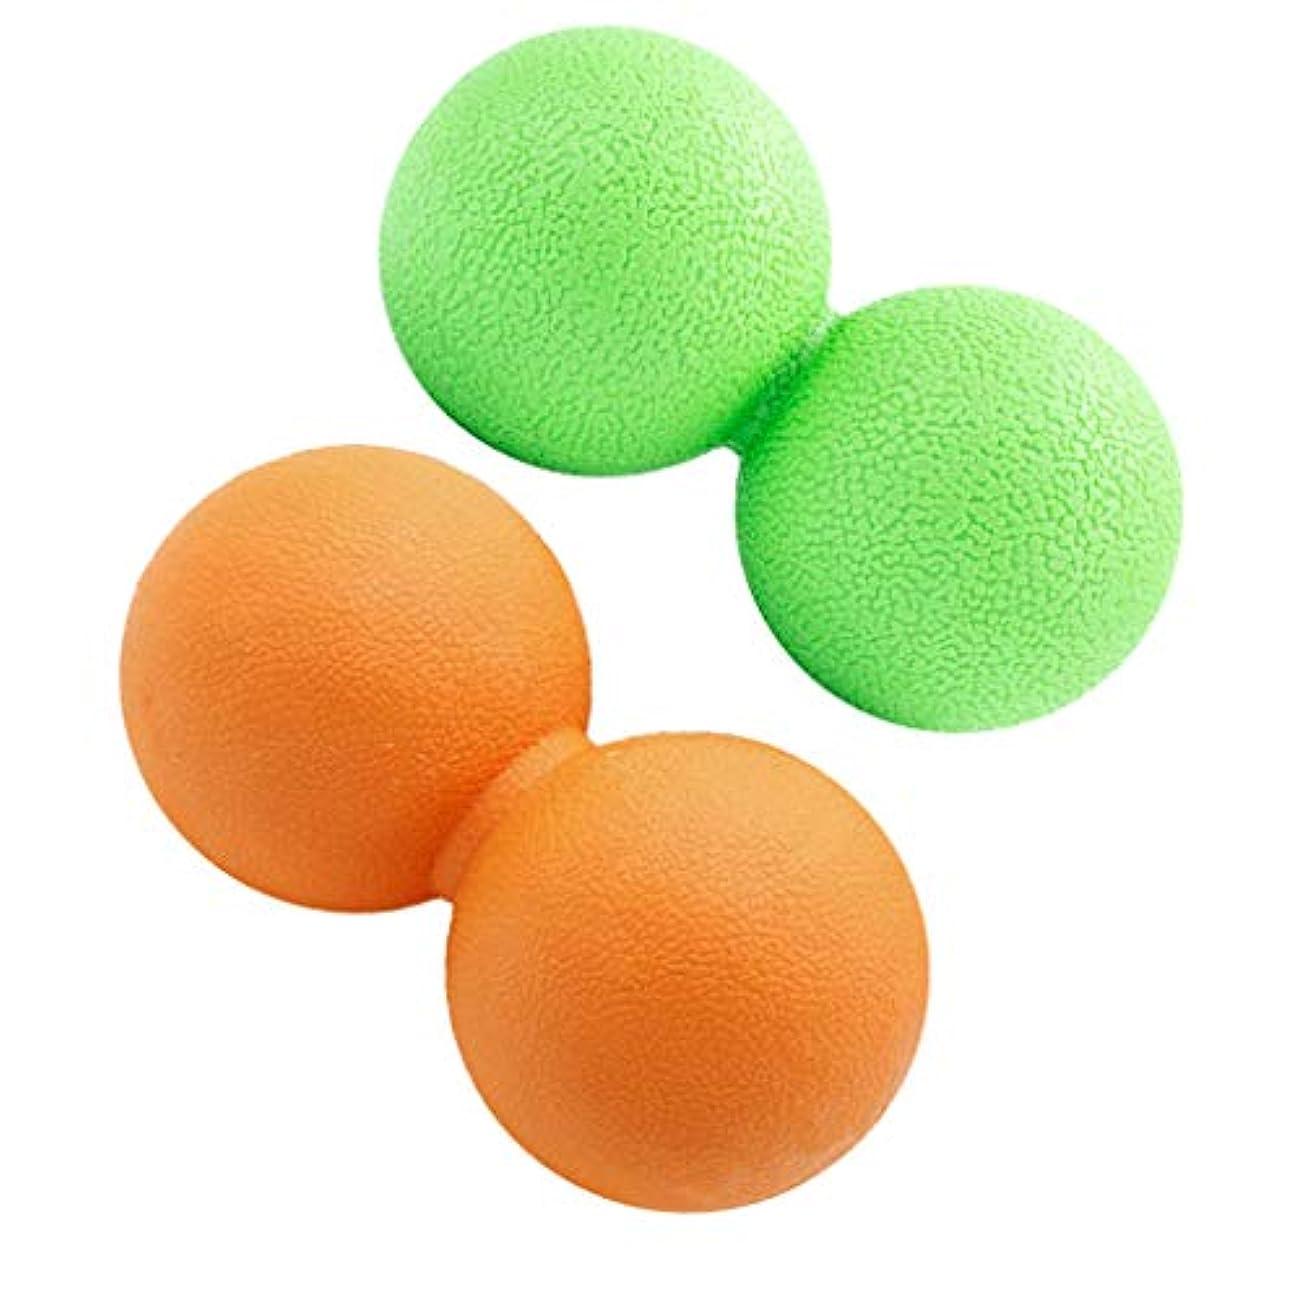 かすかなドラマ憲法2個 マッサージボール ピーナッツ 疲れ解消ボール トリガーポイント 筋膜リリース ツボ押しグッズ